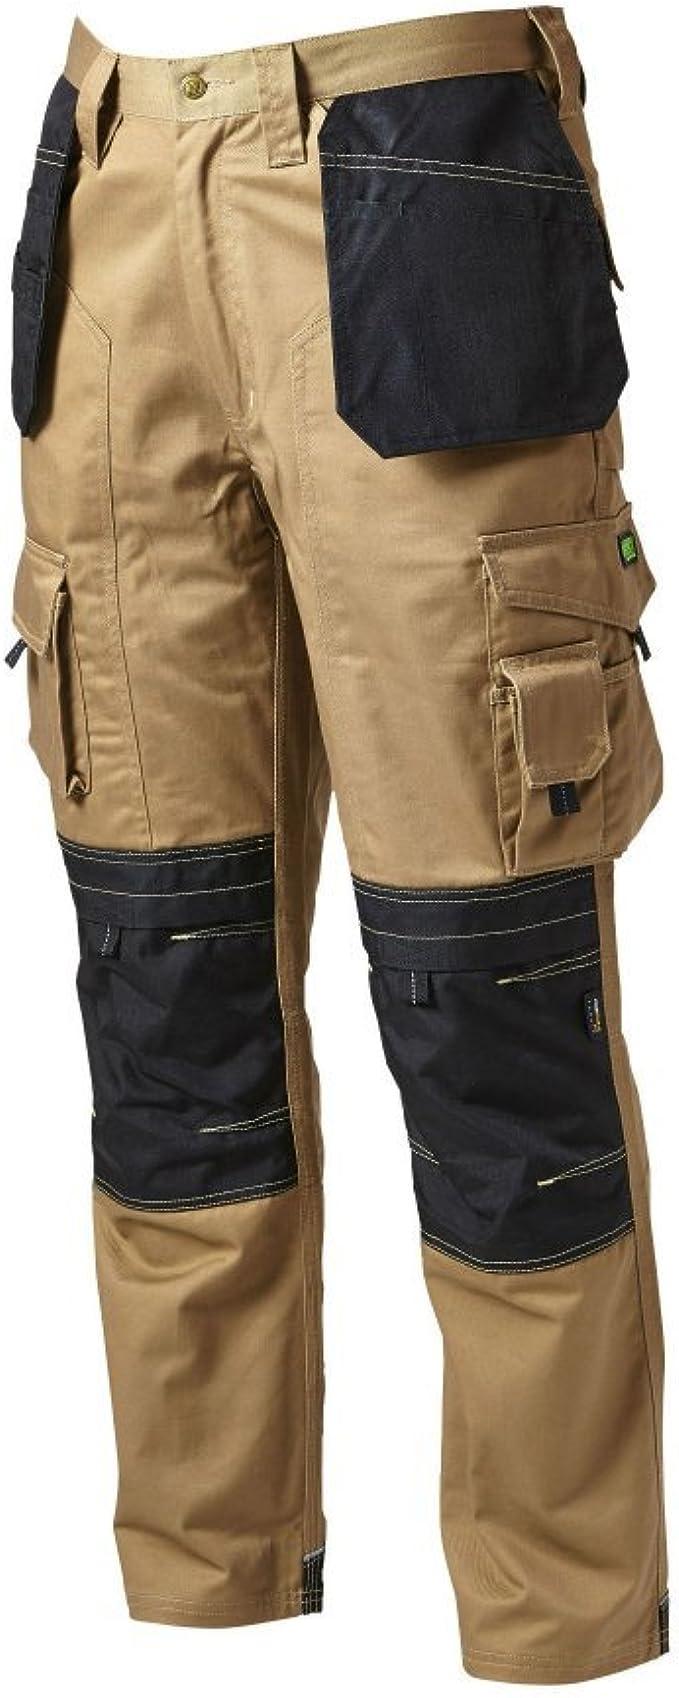 Pantaloni da caccia da uomo Apache